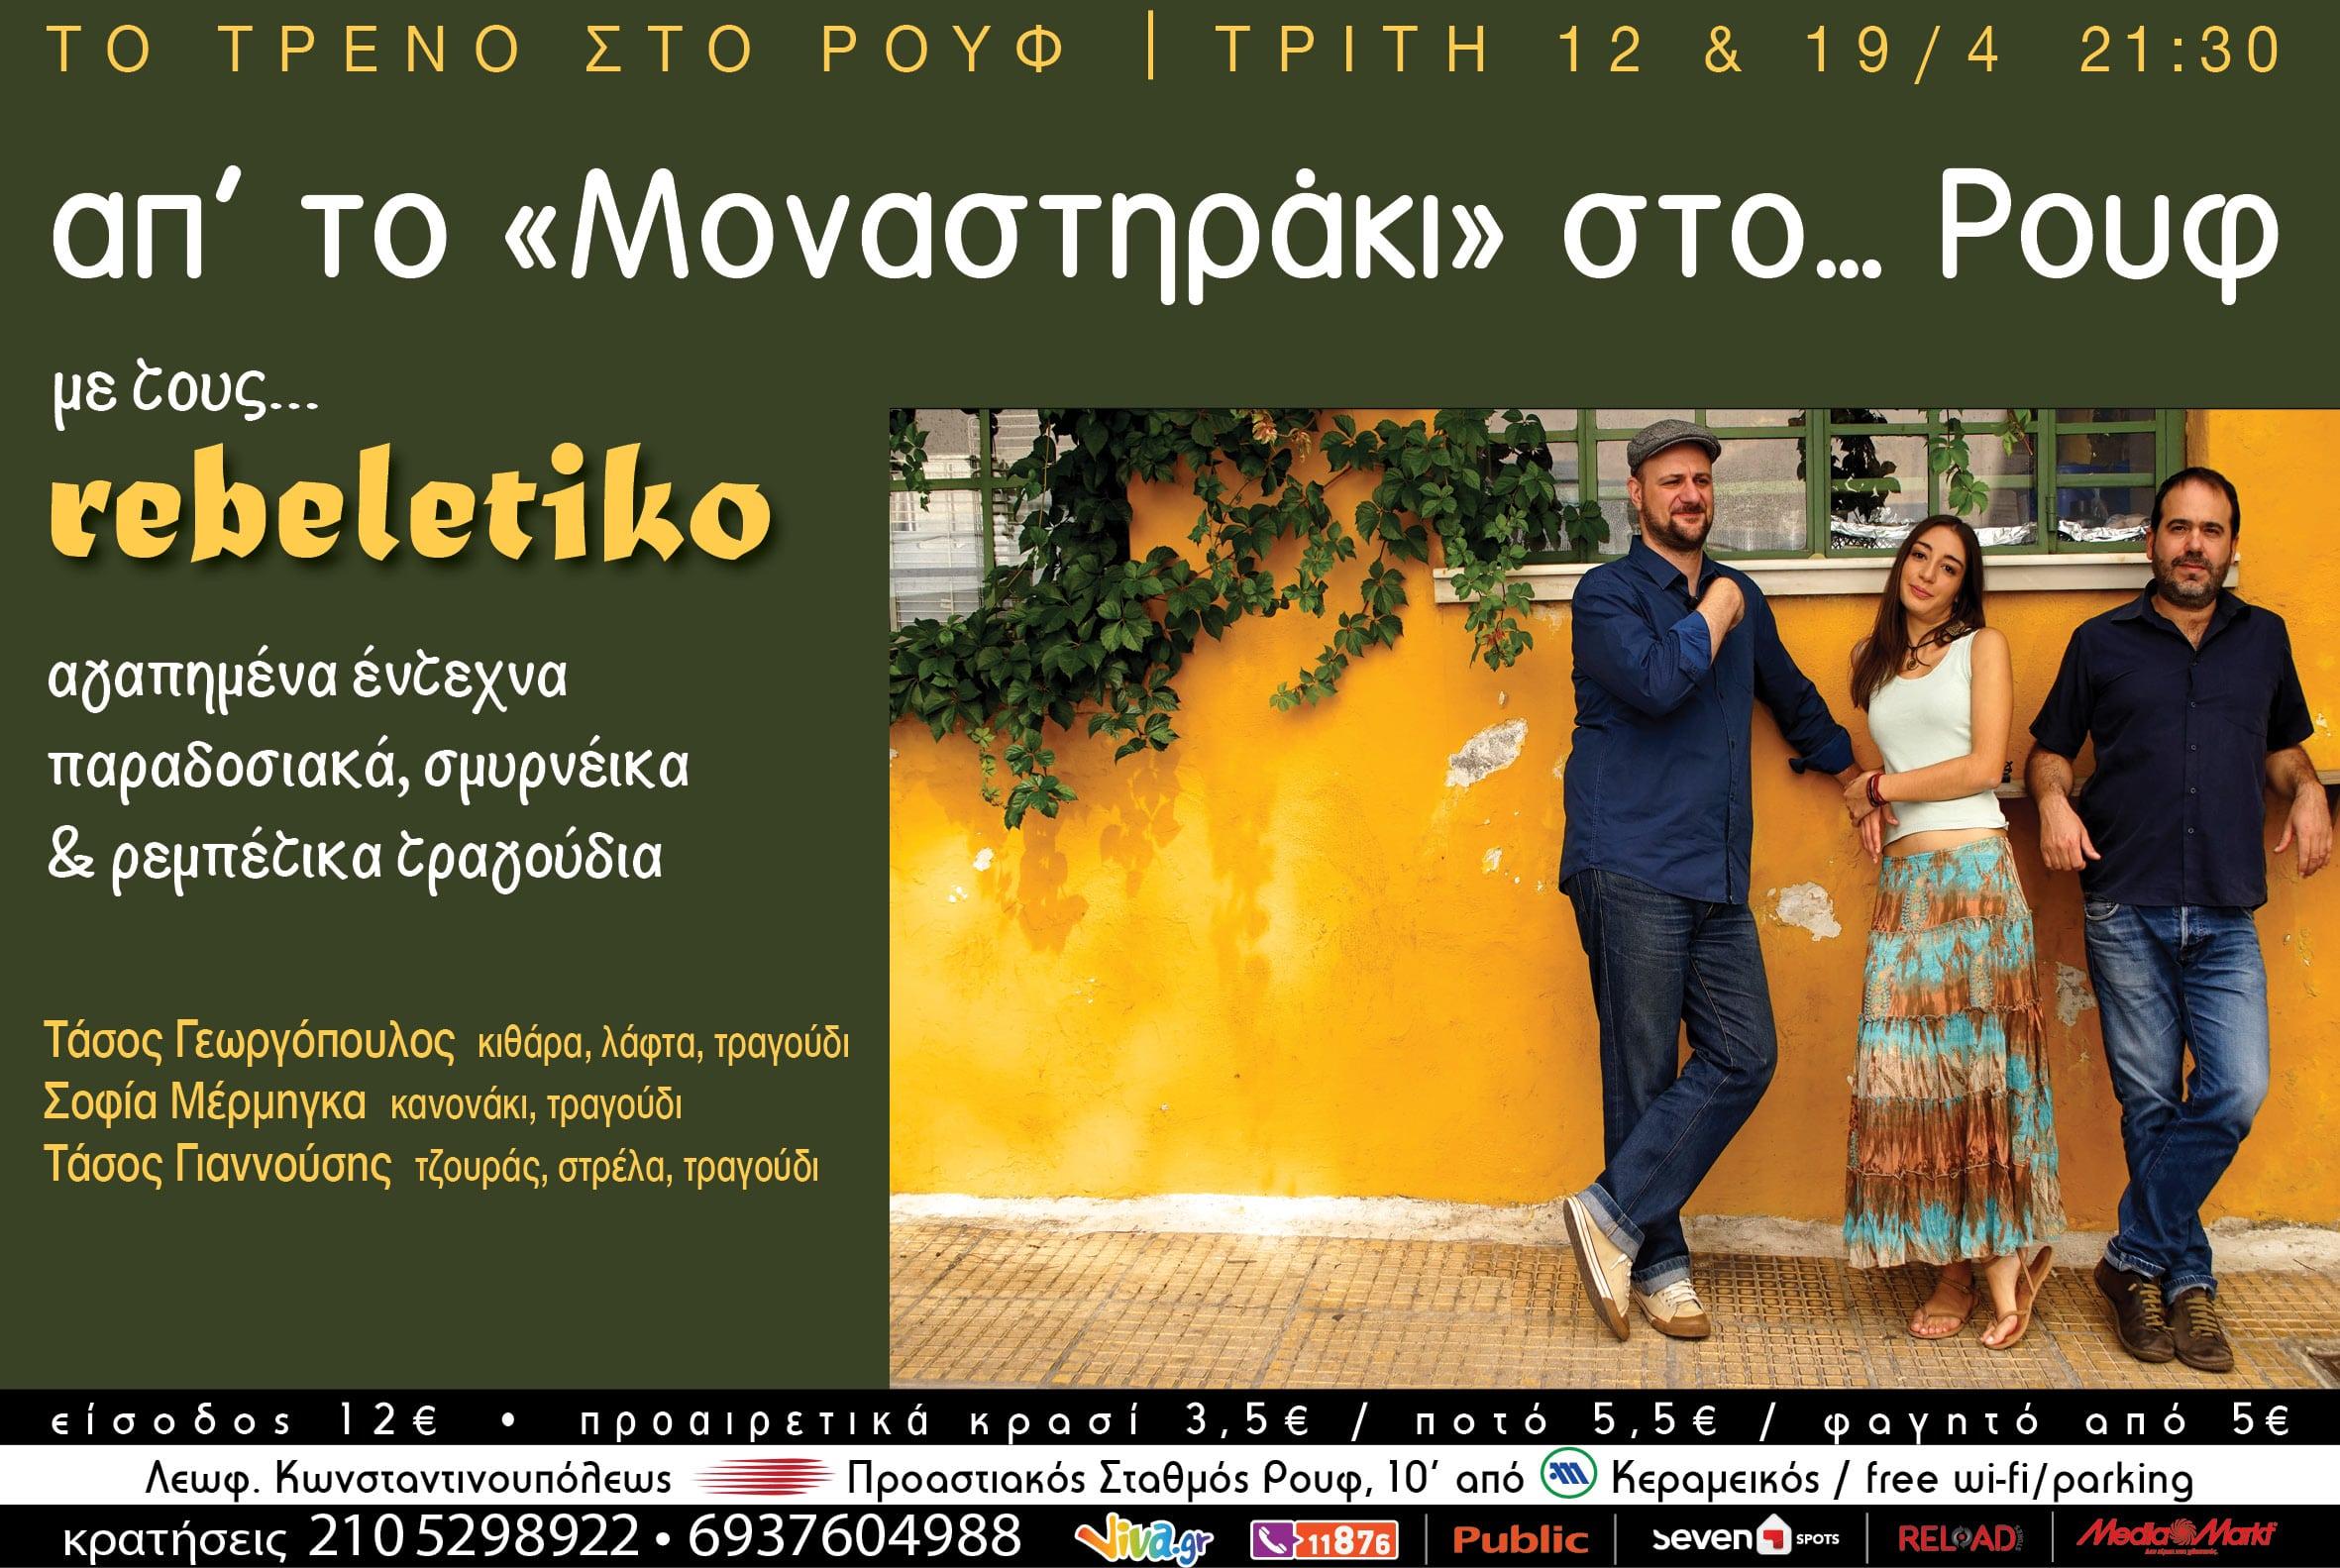 Newsltr REBELETICO 12, 19 April